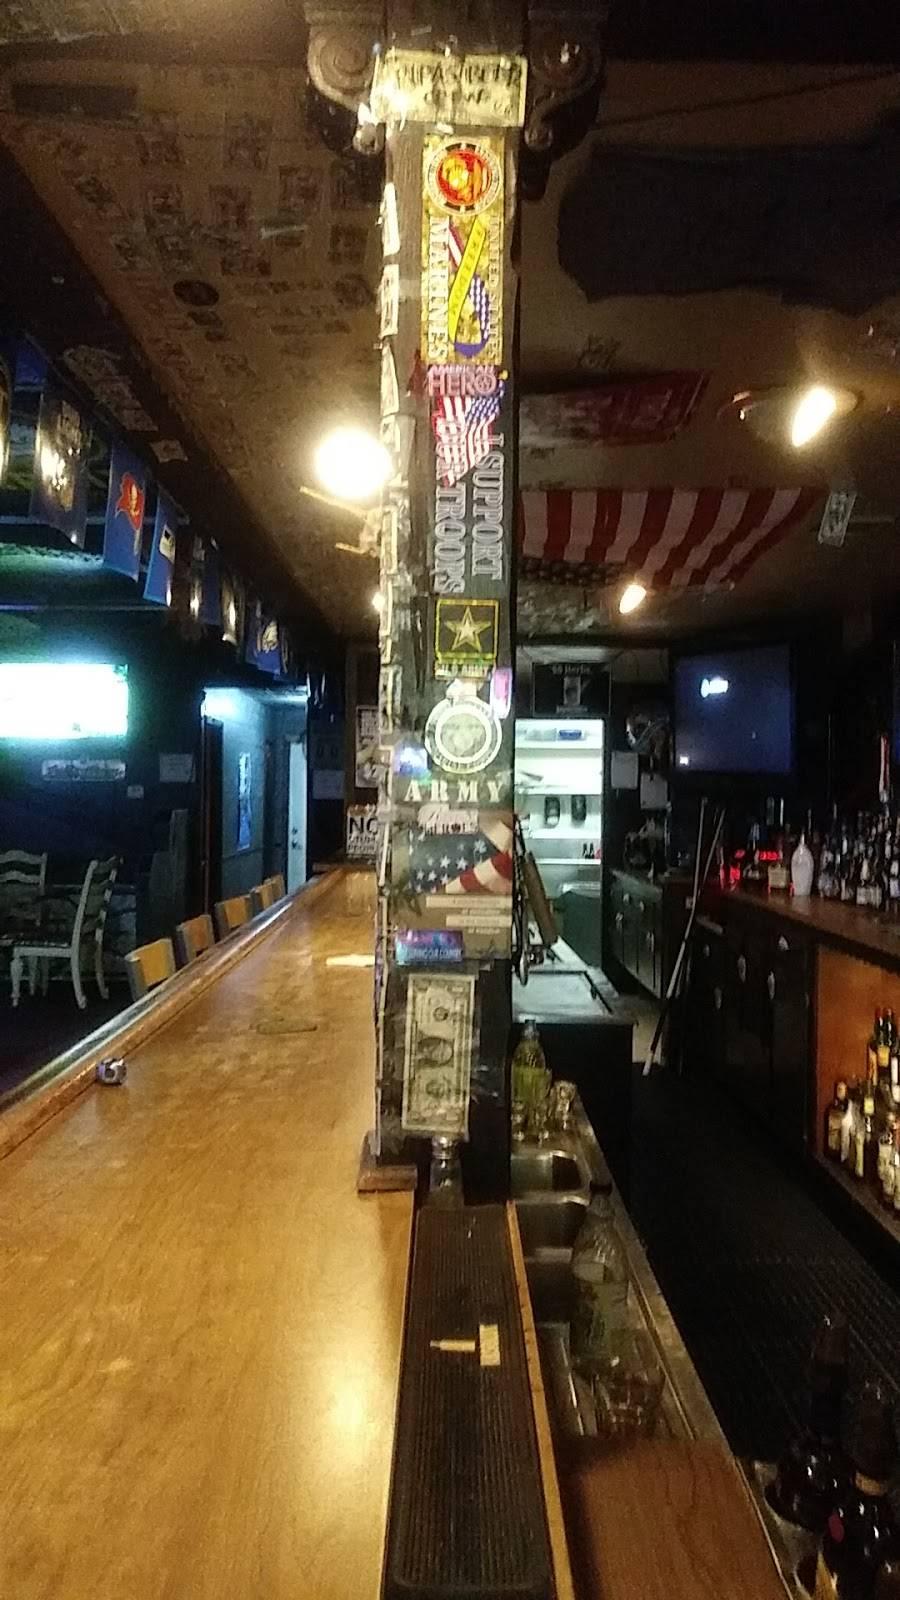 Duffys Restaurant | restaurant | 531 Imperial Hwy, La Habra, CA 90631, USA | 7148704181 OR +1 714-870-4181